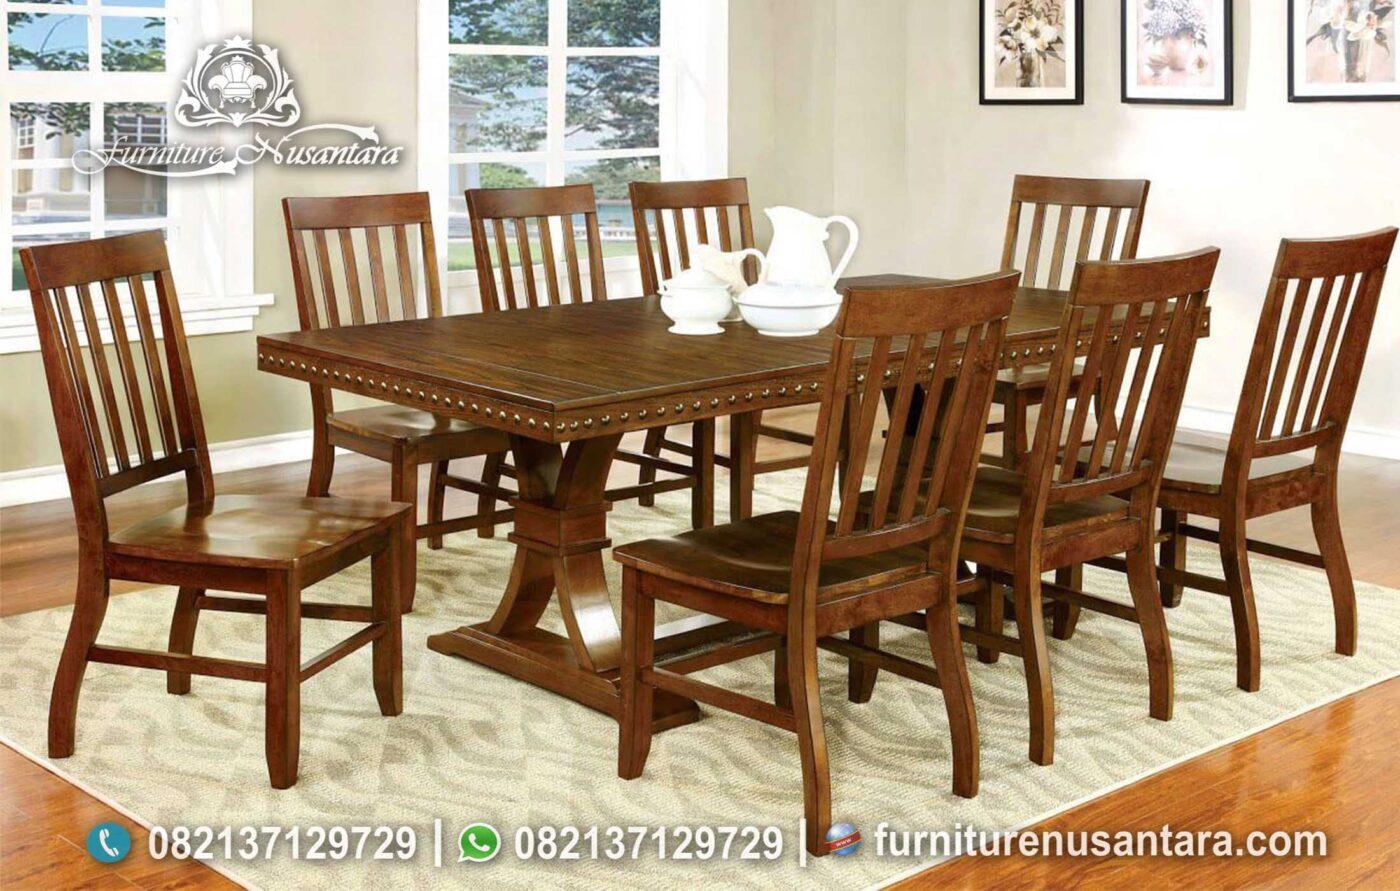 Meja Makan Natural Kayu Jati Sederhana MM-124, Furniture Nusantara